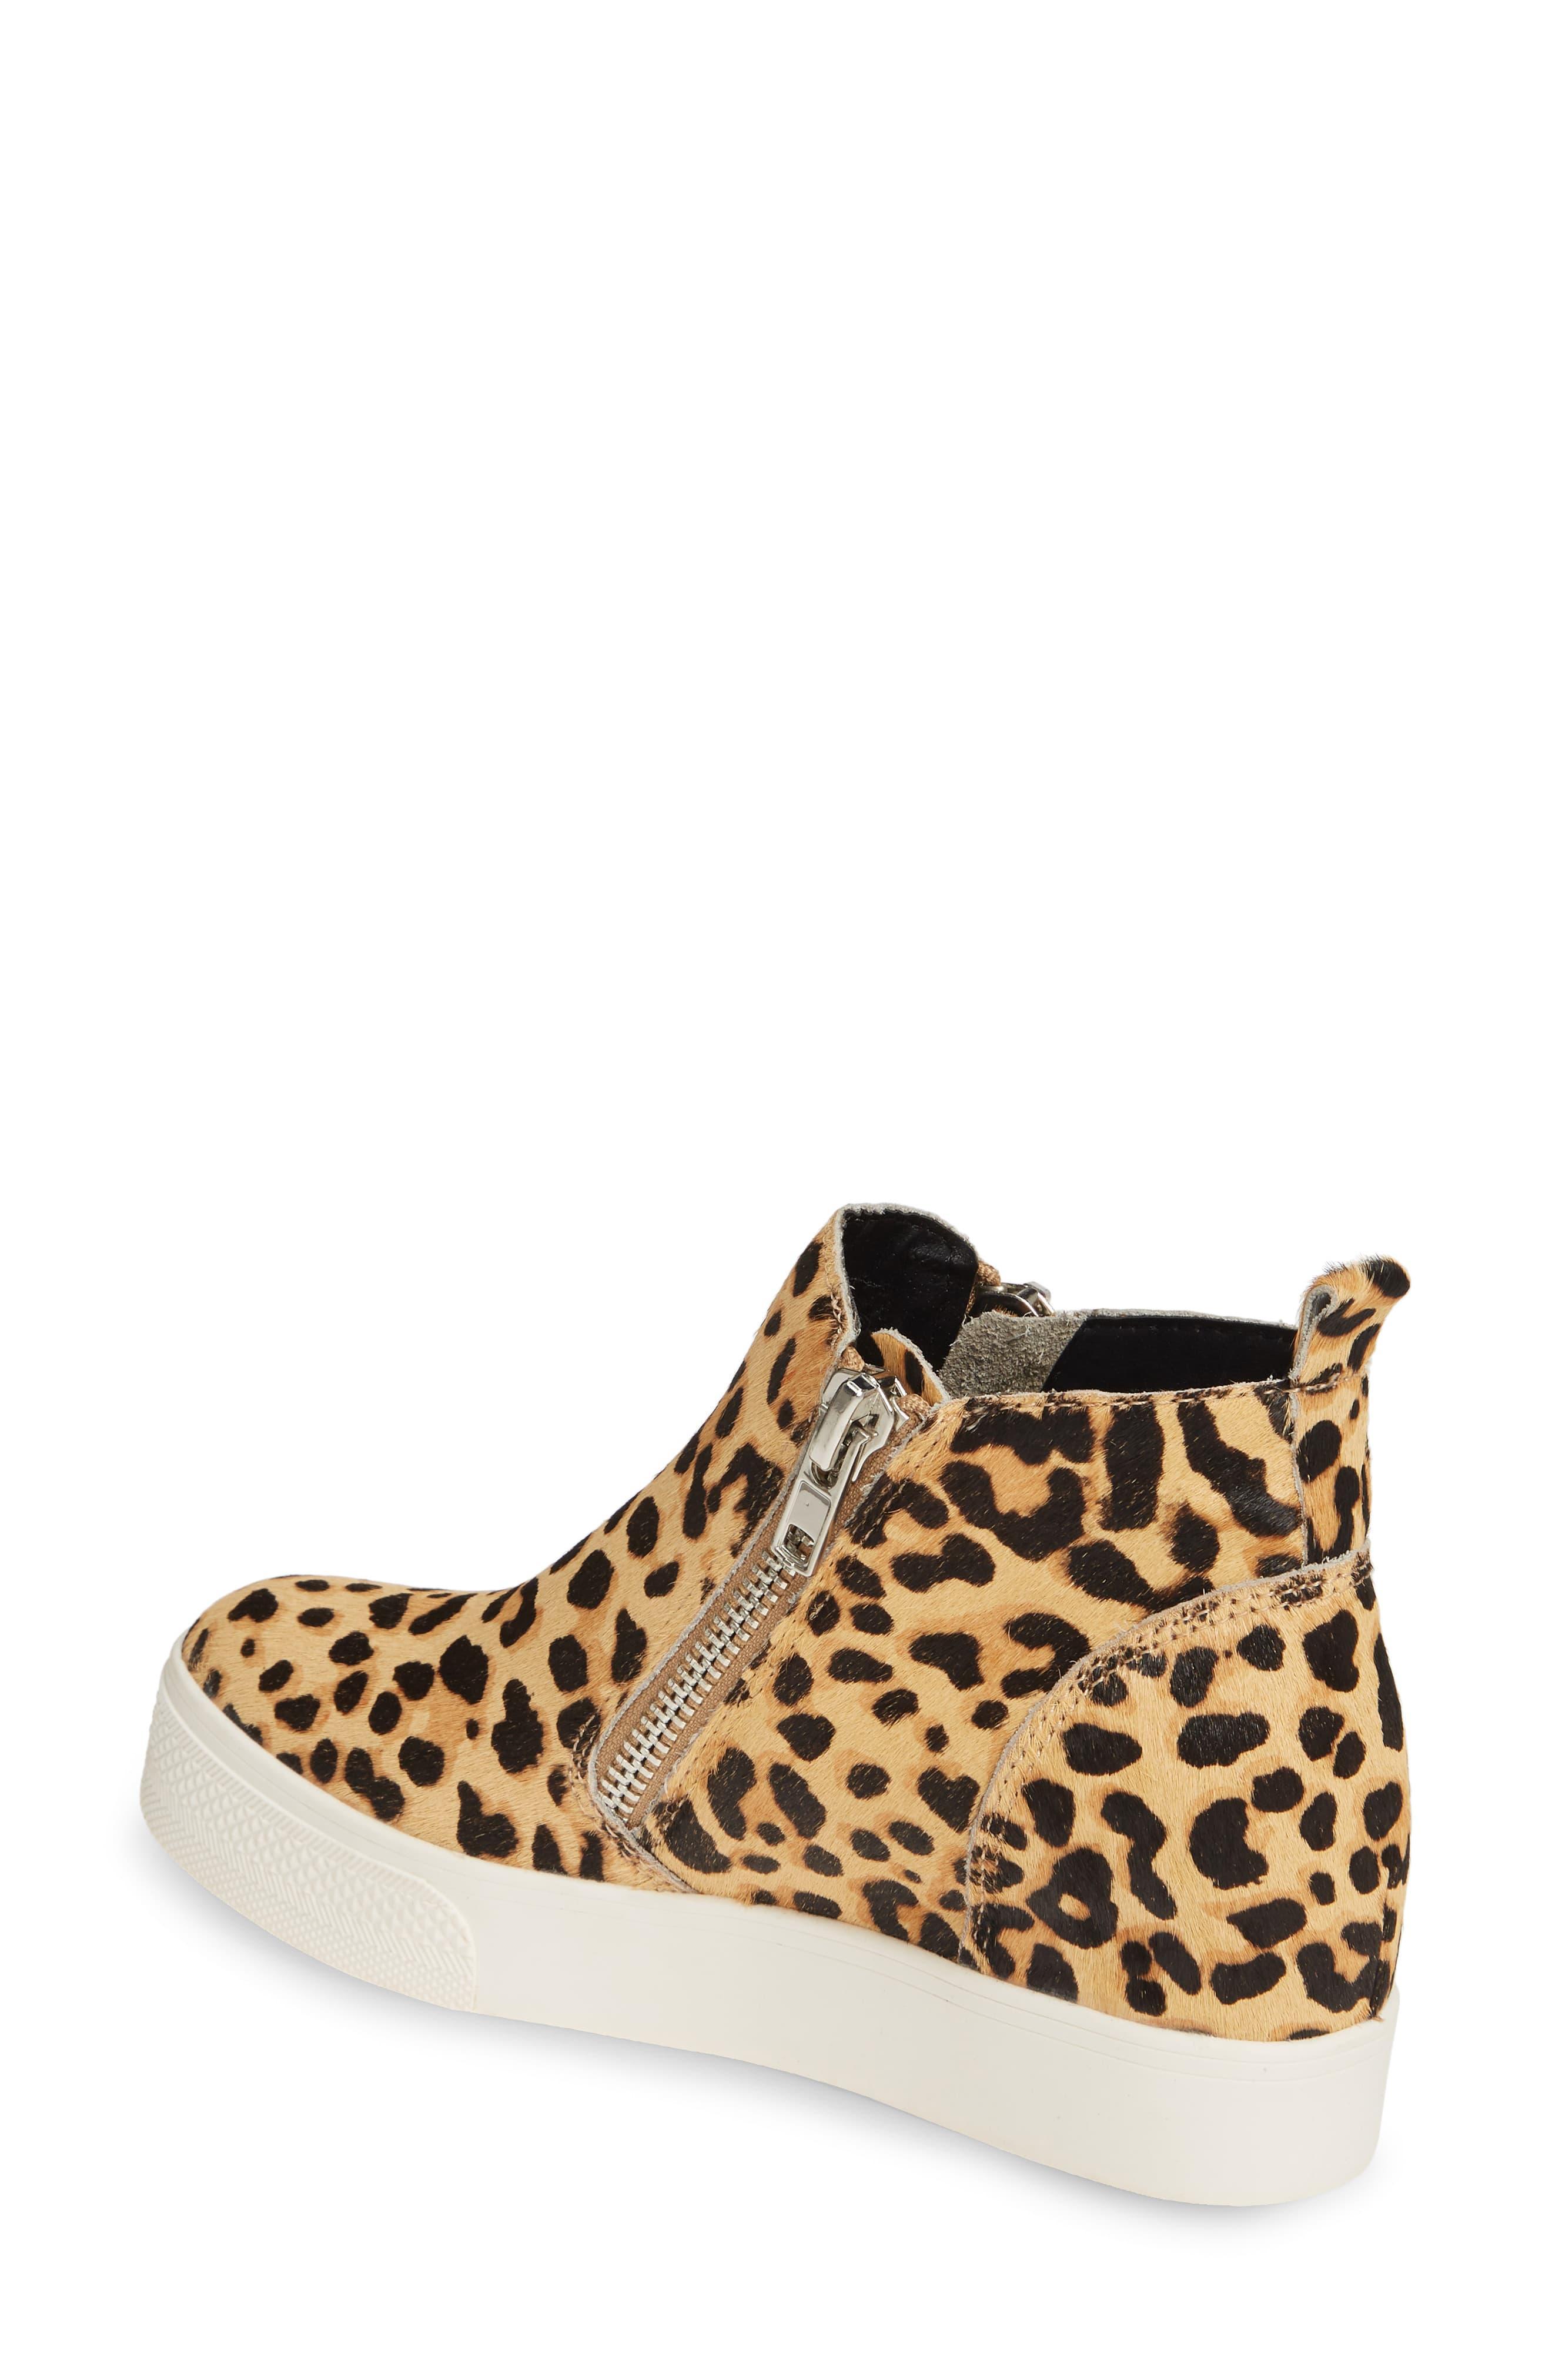 101e5342568 Women's Brown Wedgie High Top Platform Sneaker